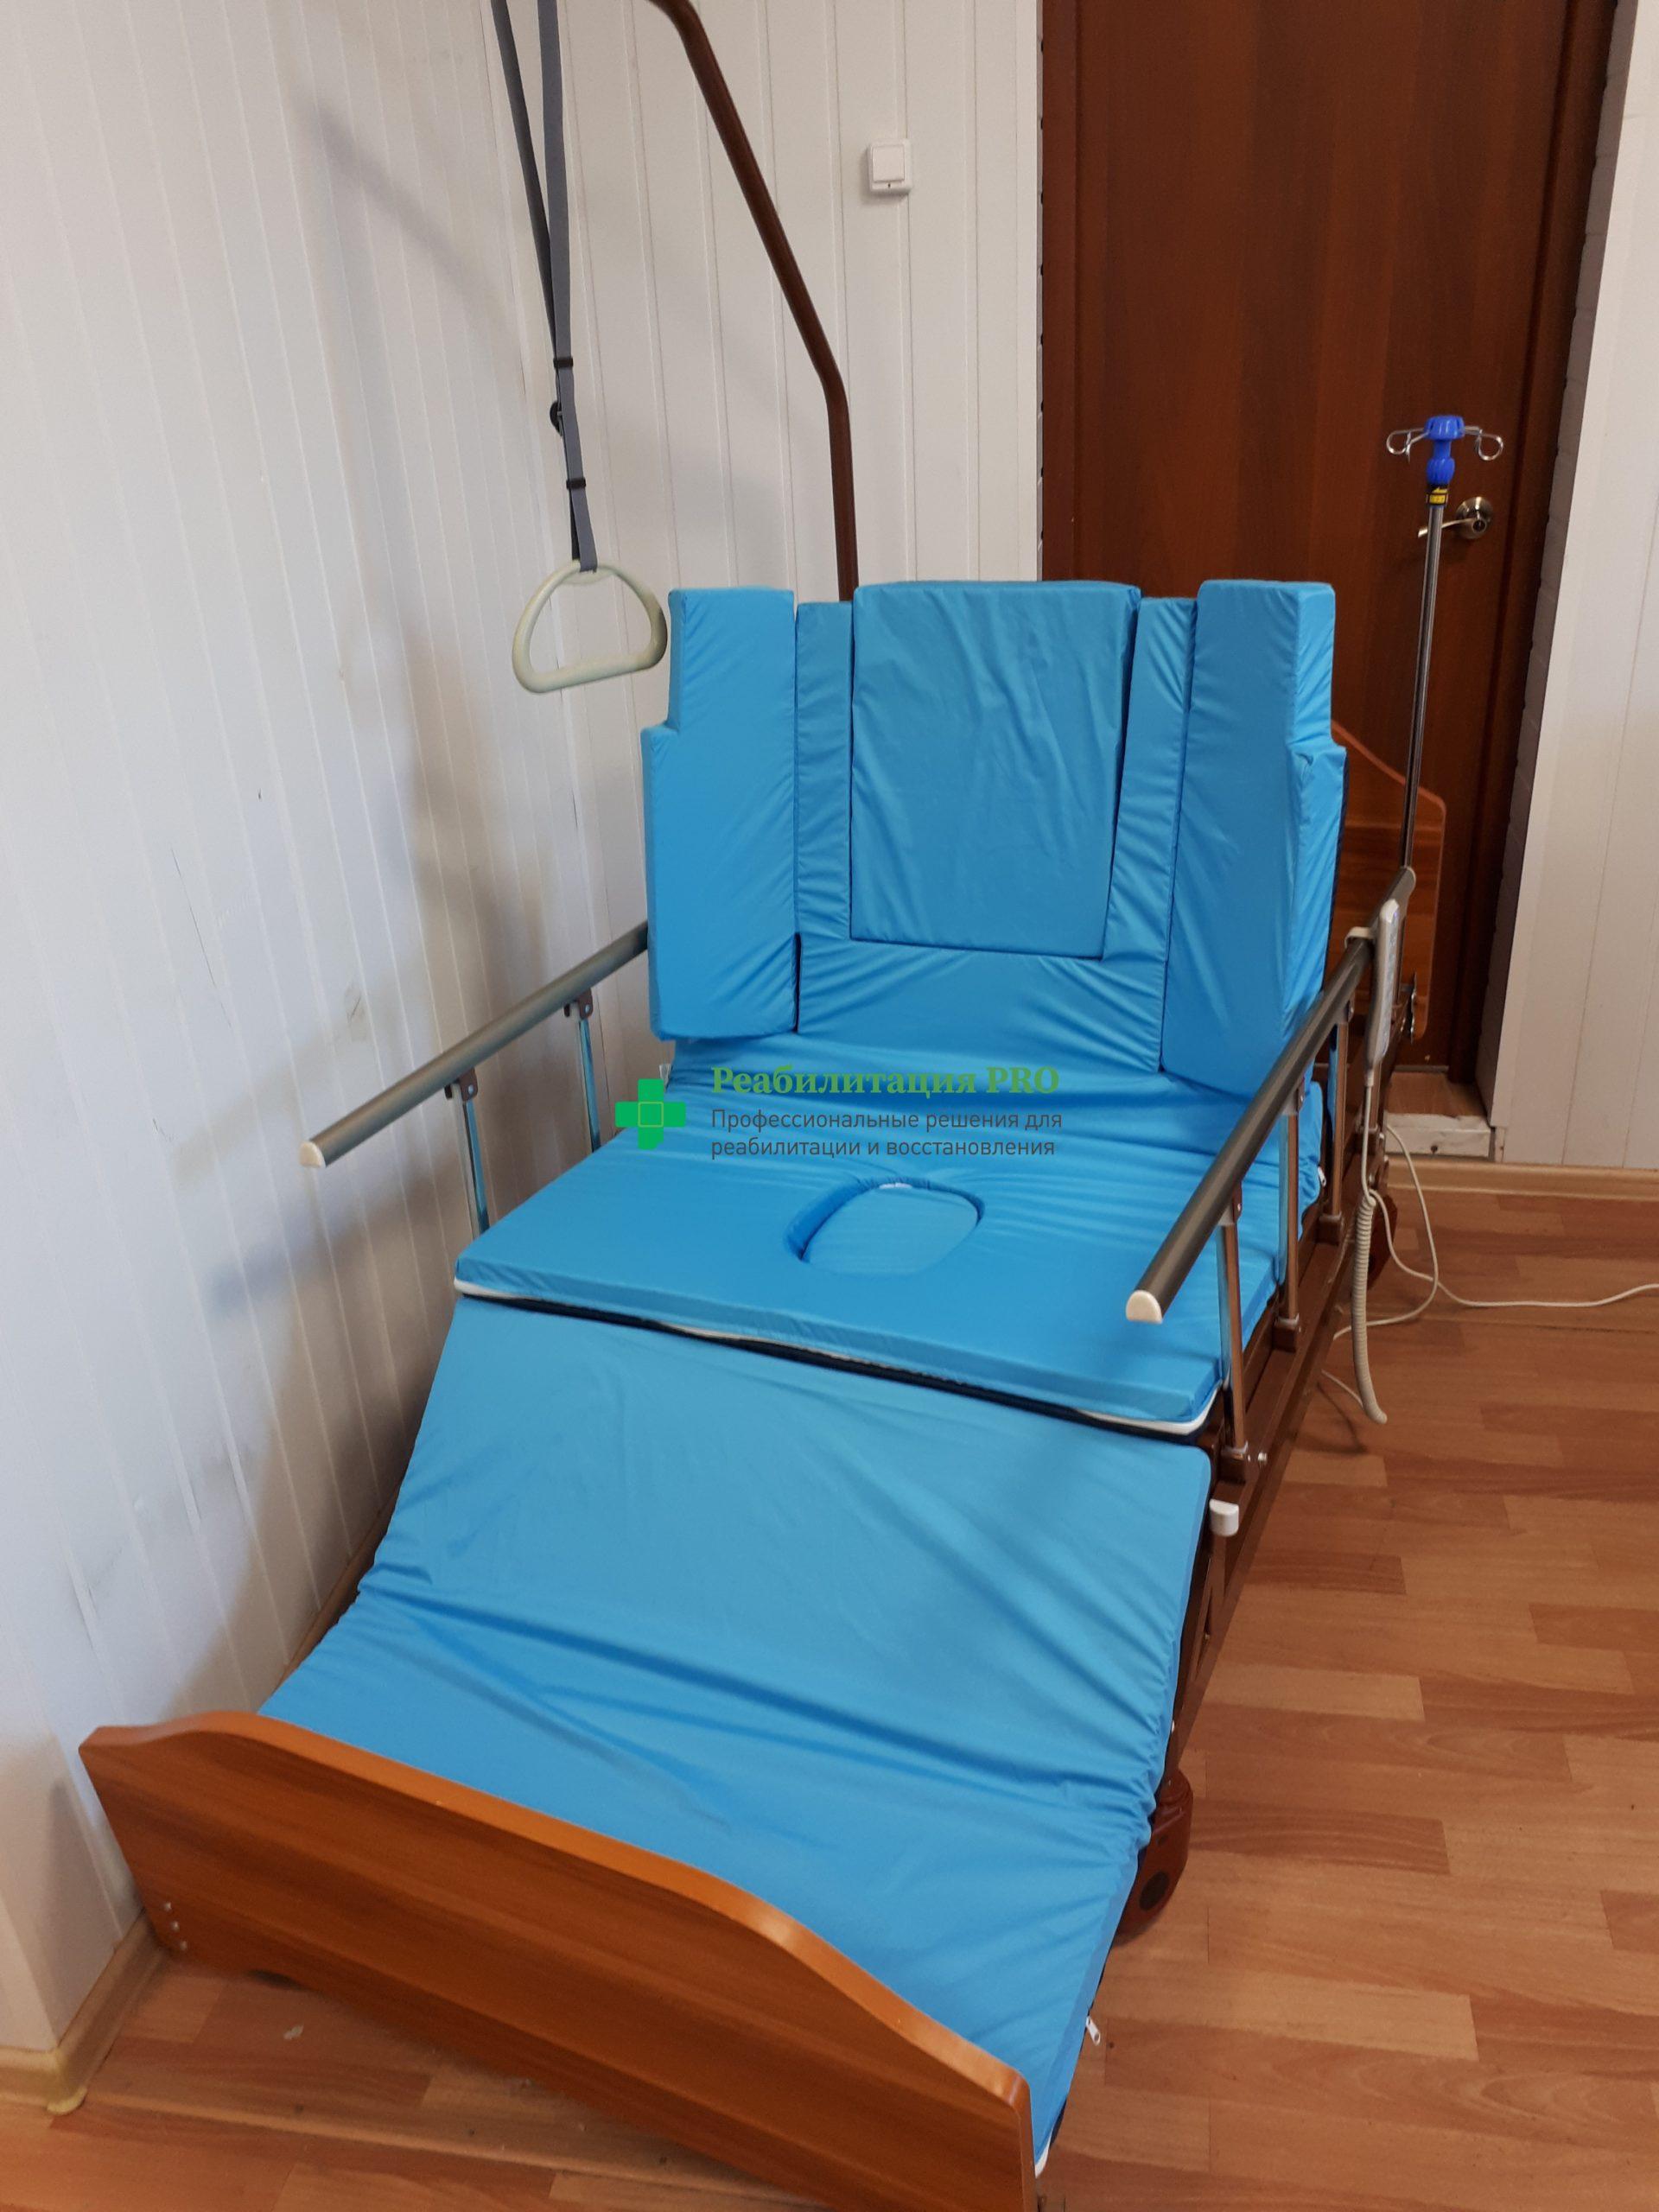 Кровать электрическая КМР-11